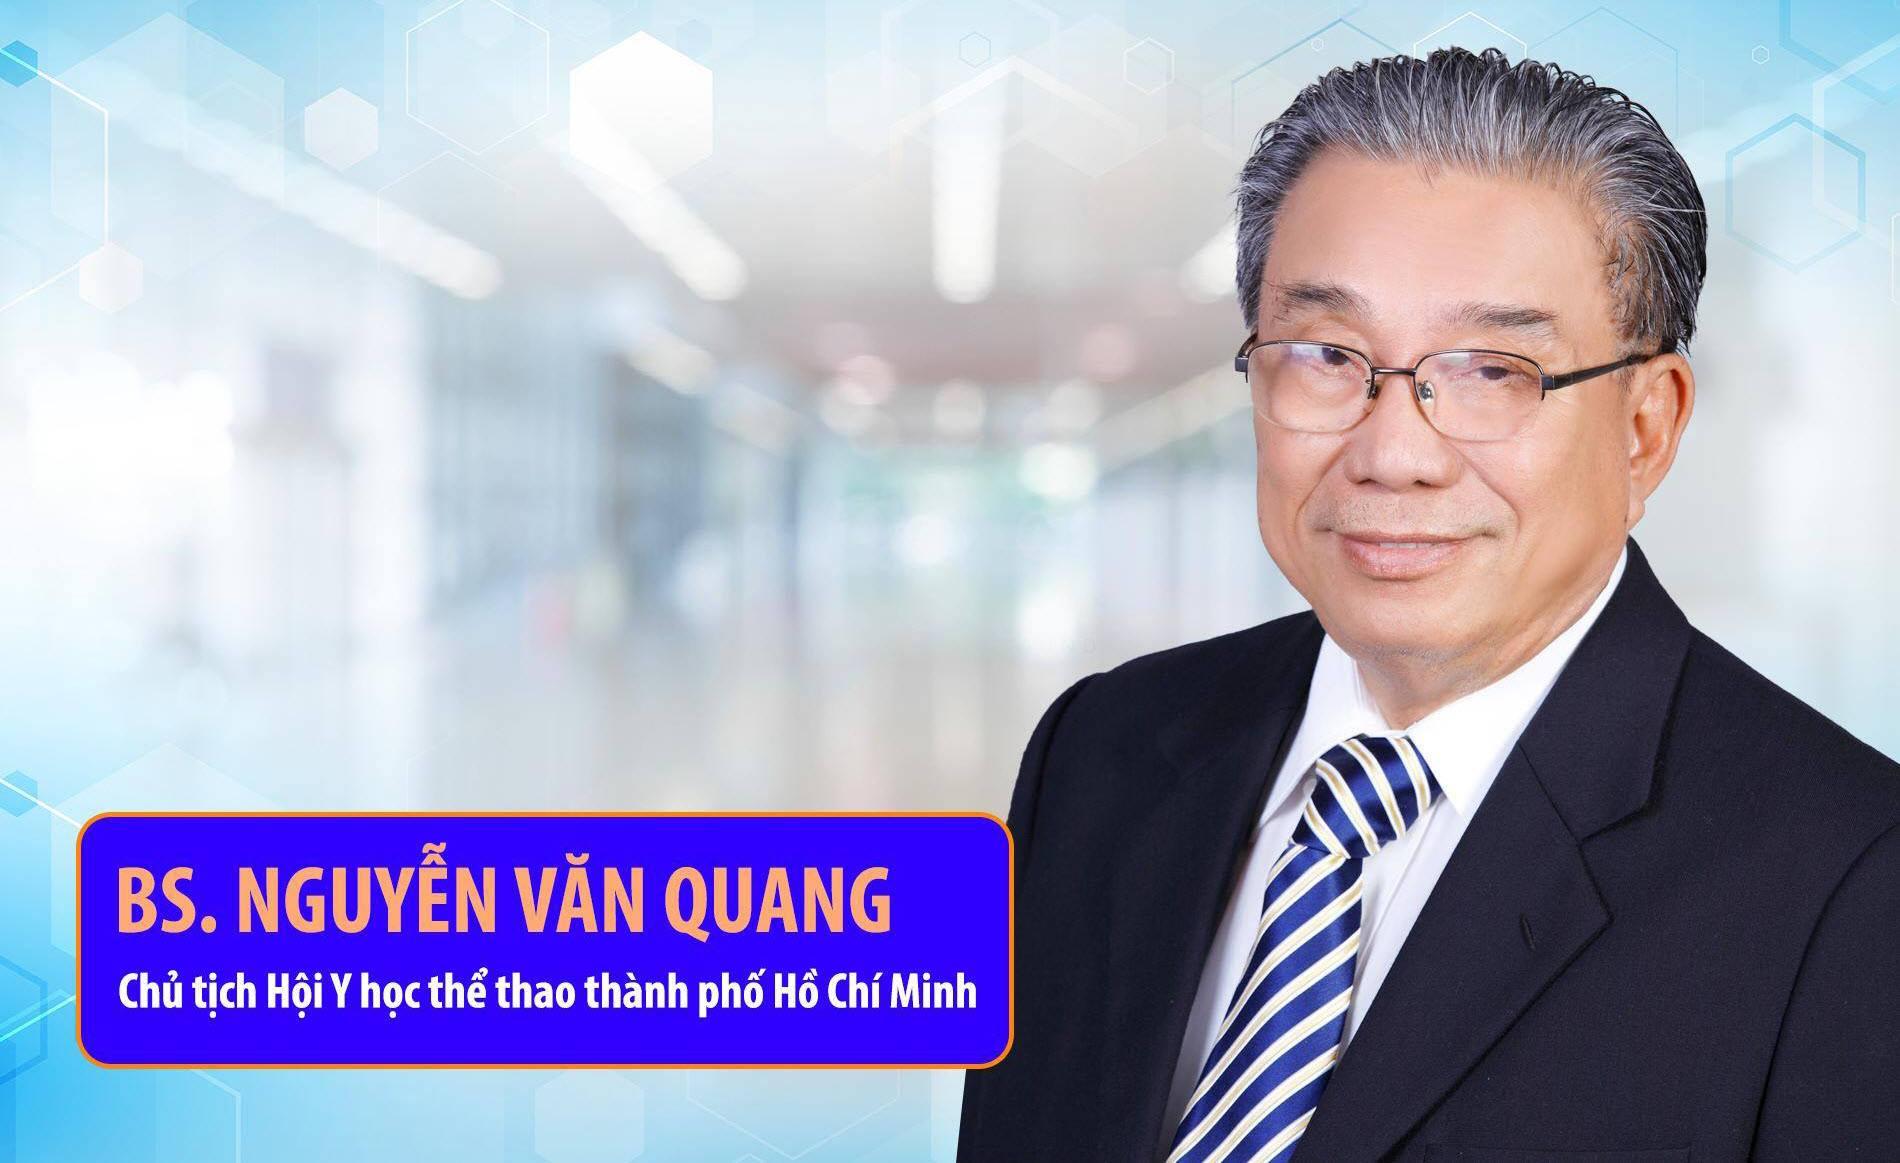 Bác sĩ Nguyễn Văn Quang